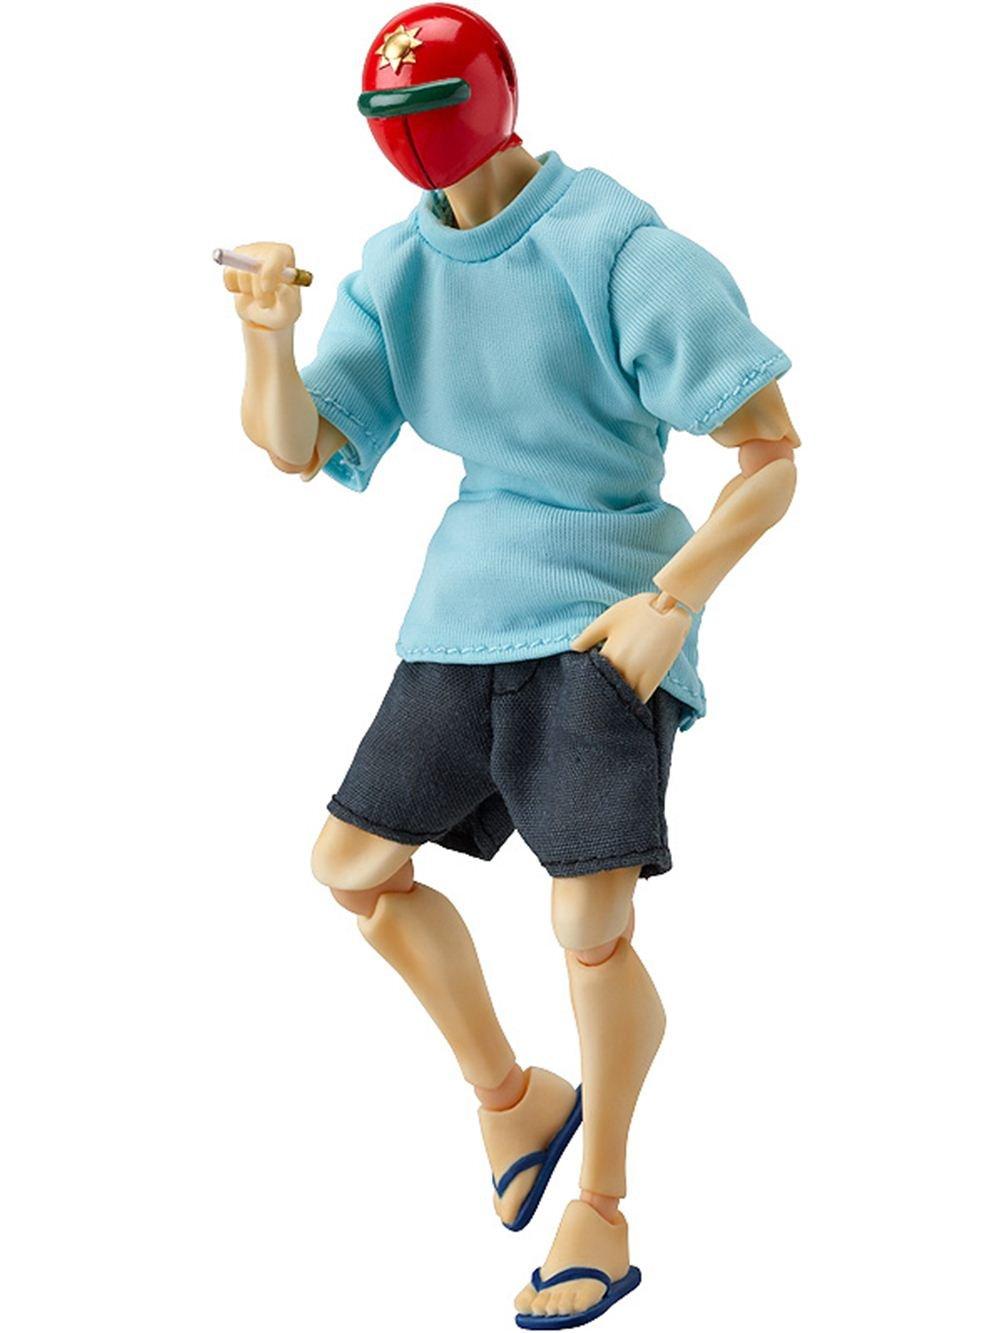 bienvenido a orden Phat  - Astro Fighter Sunrojo Sunrojo Sunrojo figurine Figma Sunrojo 14 cm [Juguete] (japan import)  vendiendo bien en todo el mundo